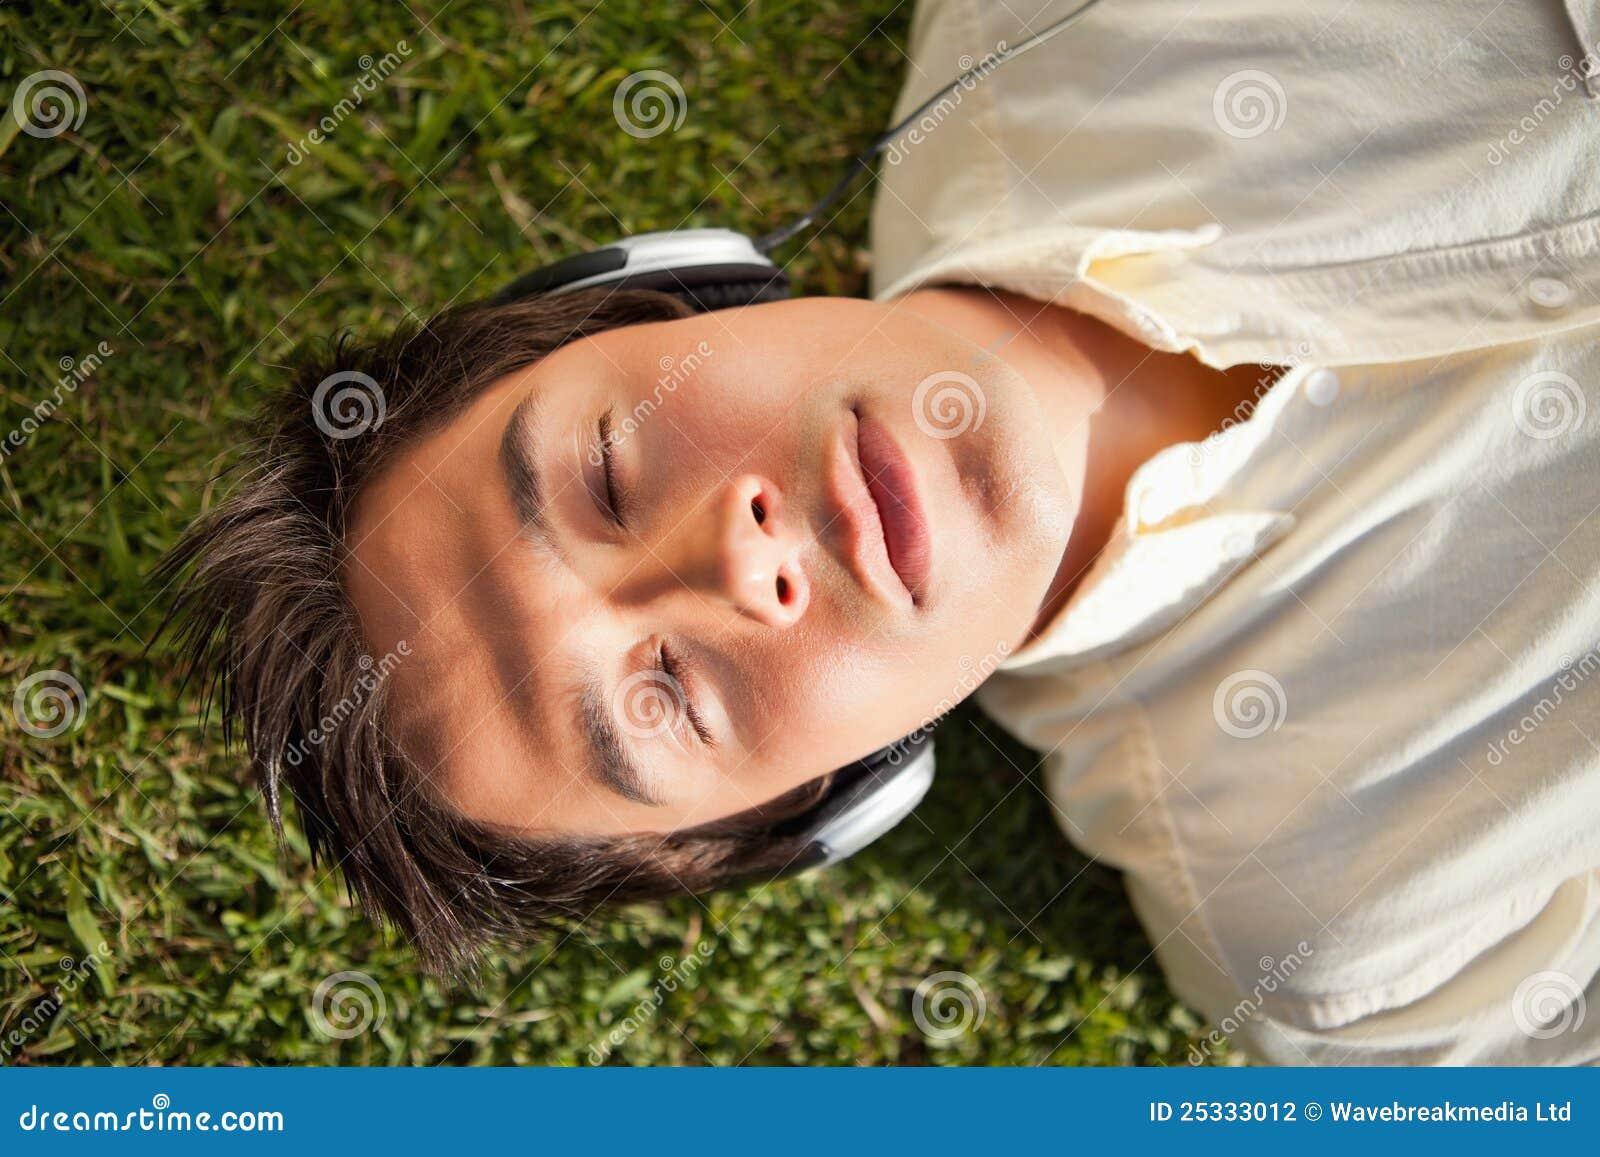 闭上�9�/9/h9�9��o^�_人闭上他的眼睛,当使用耳机听音乐时.